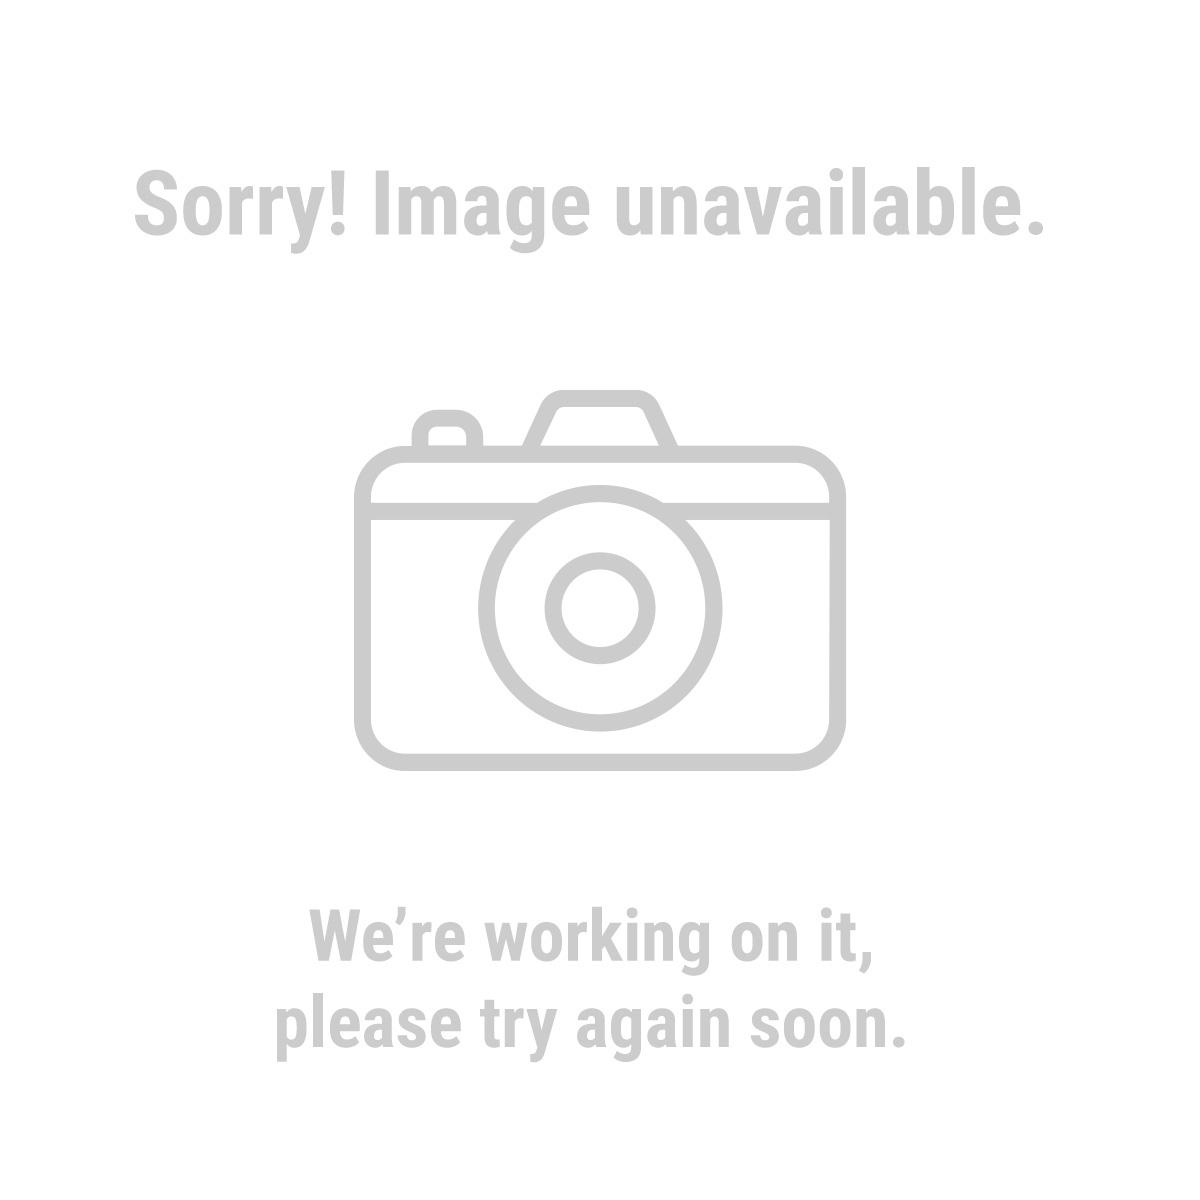 Predator Outdoor Power Equipment 61623 6.5 HP (212cc) 21 in. Brush Mower